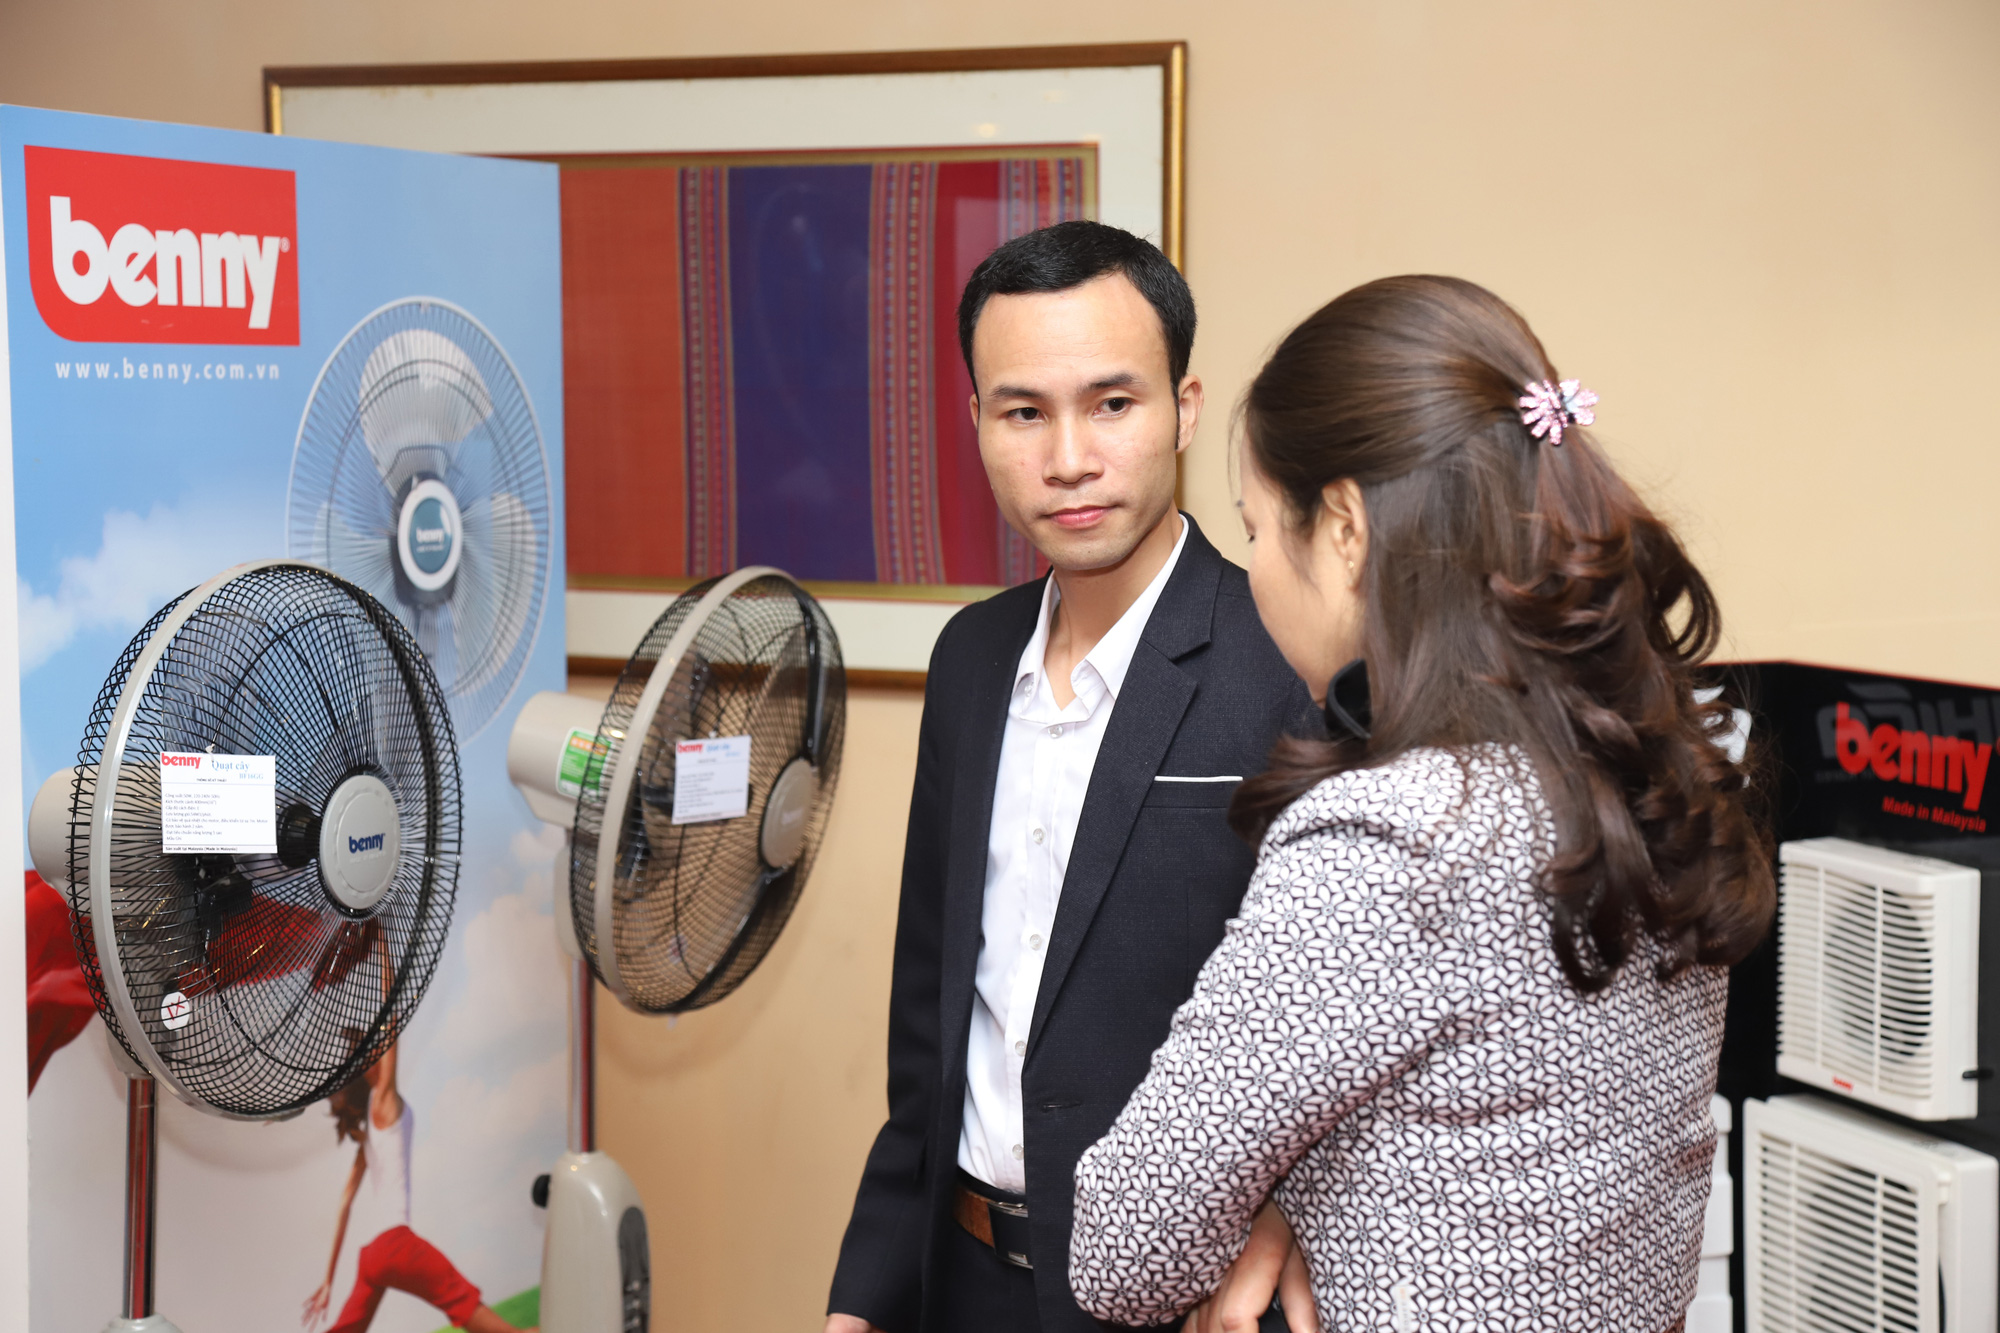 Benny Electronics và hành trình chiếm lĩnh trái tim người tiêu dùng Việt - Ảnh 5.